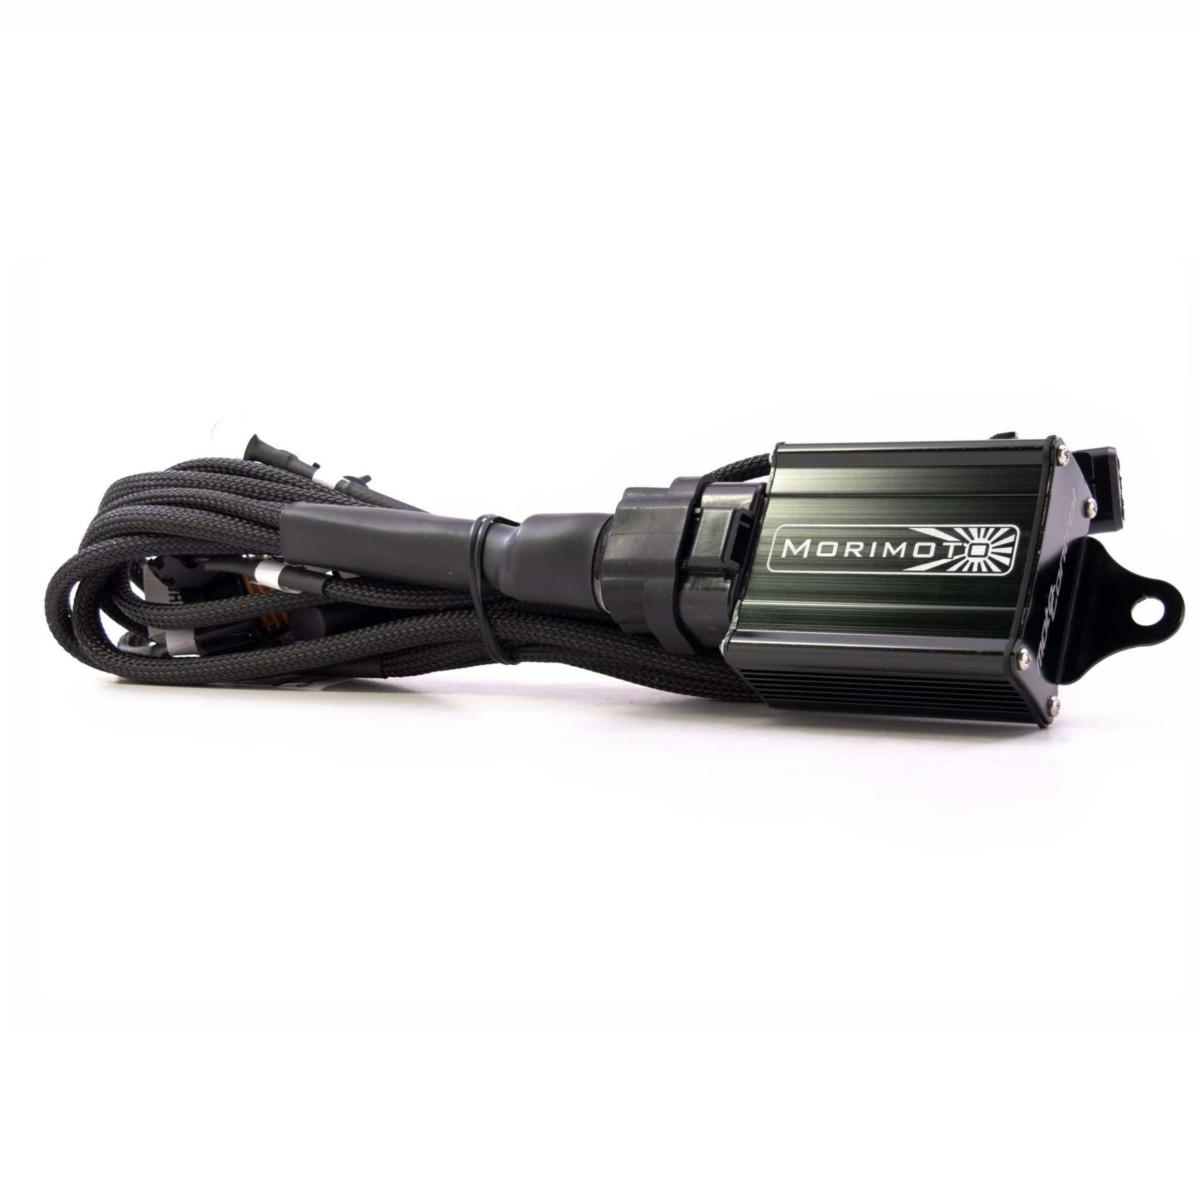 Morimoto H13 Bixenon Headlight Relay Wire Harness?zoom=2.625&fit=1200%2C1200&ssl=1 morimoto h13 9008 hi lo bi xenon wiring harness hid kit pros